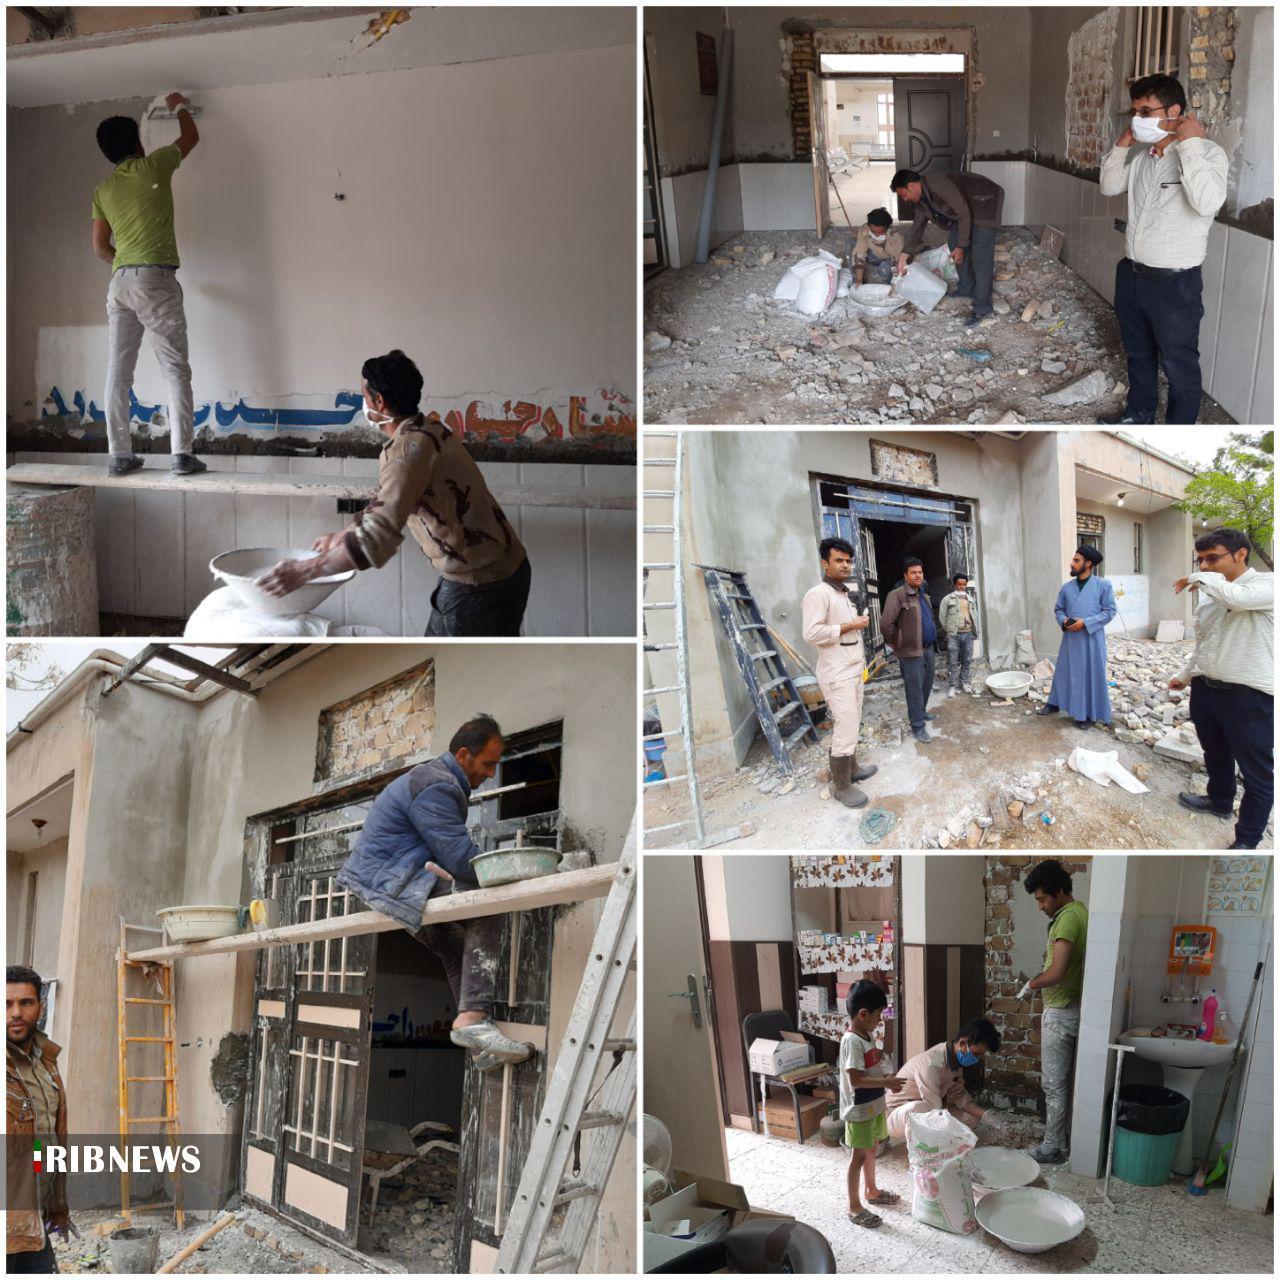 ساخت اتاق احیا در مرکز بهداشت دهستان کرغند قاین